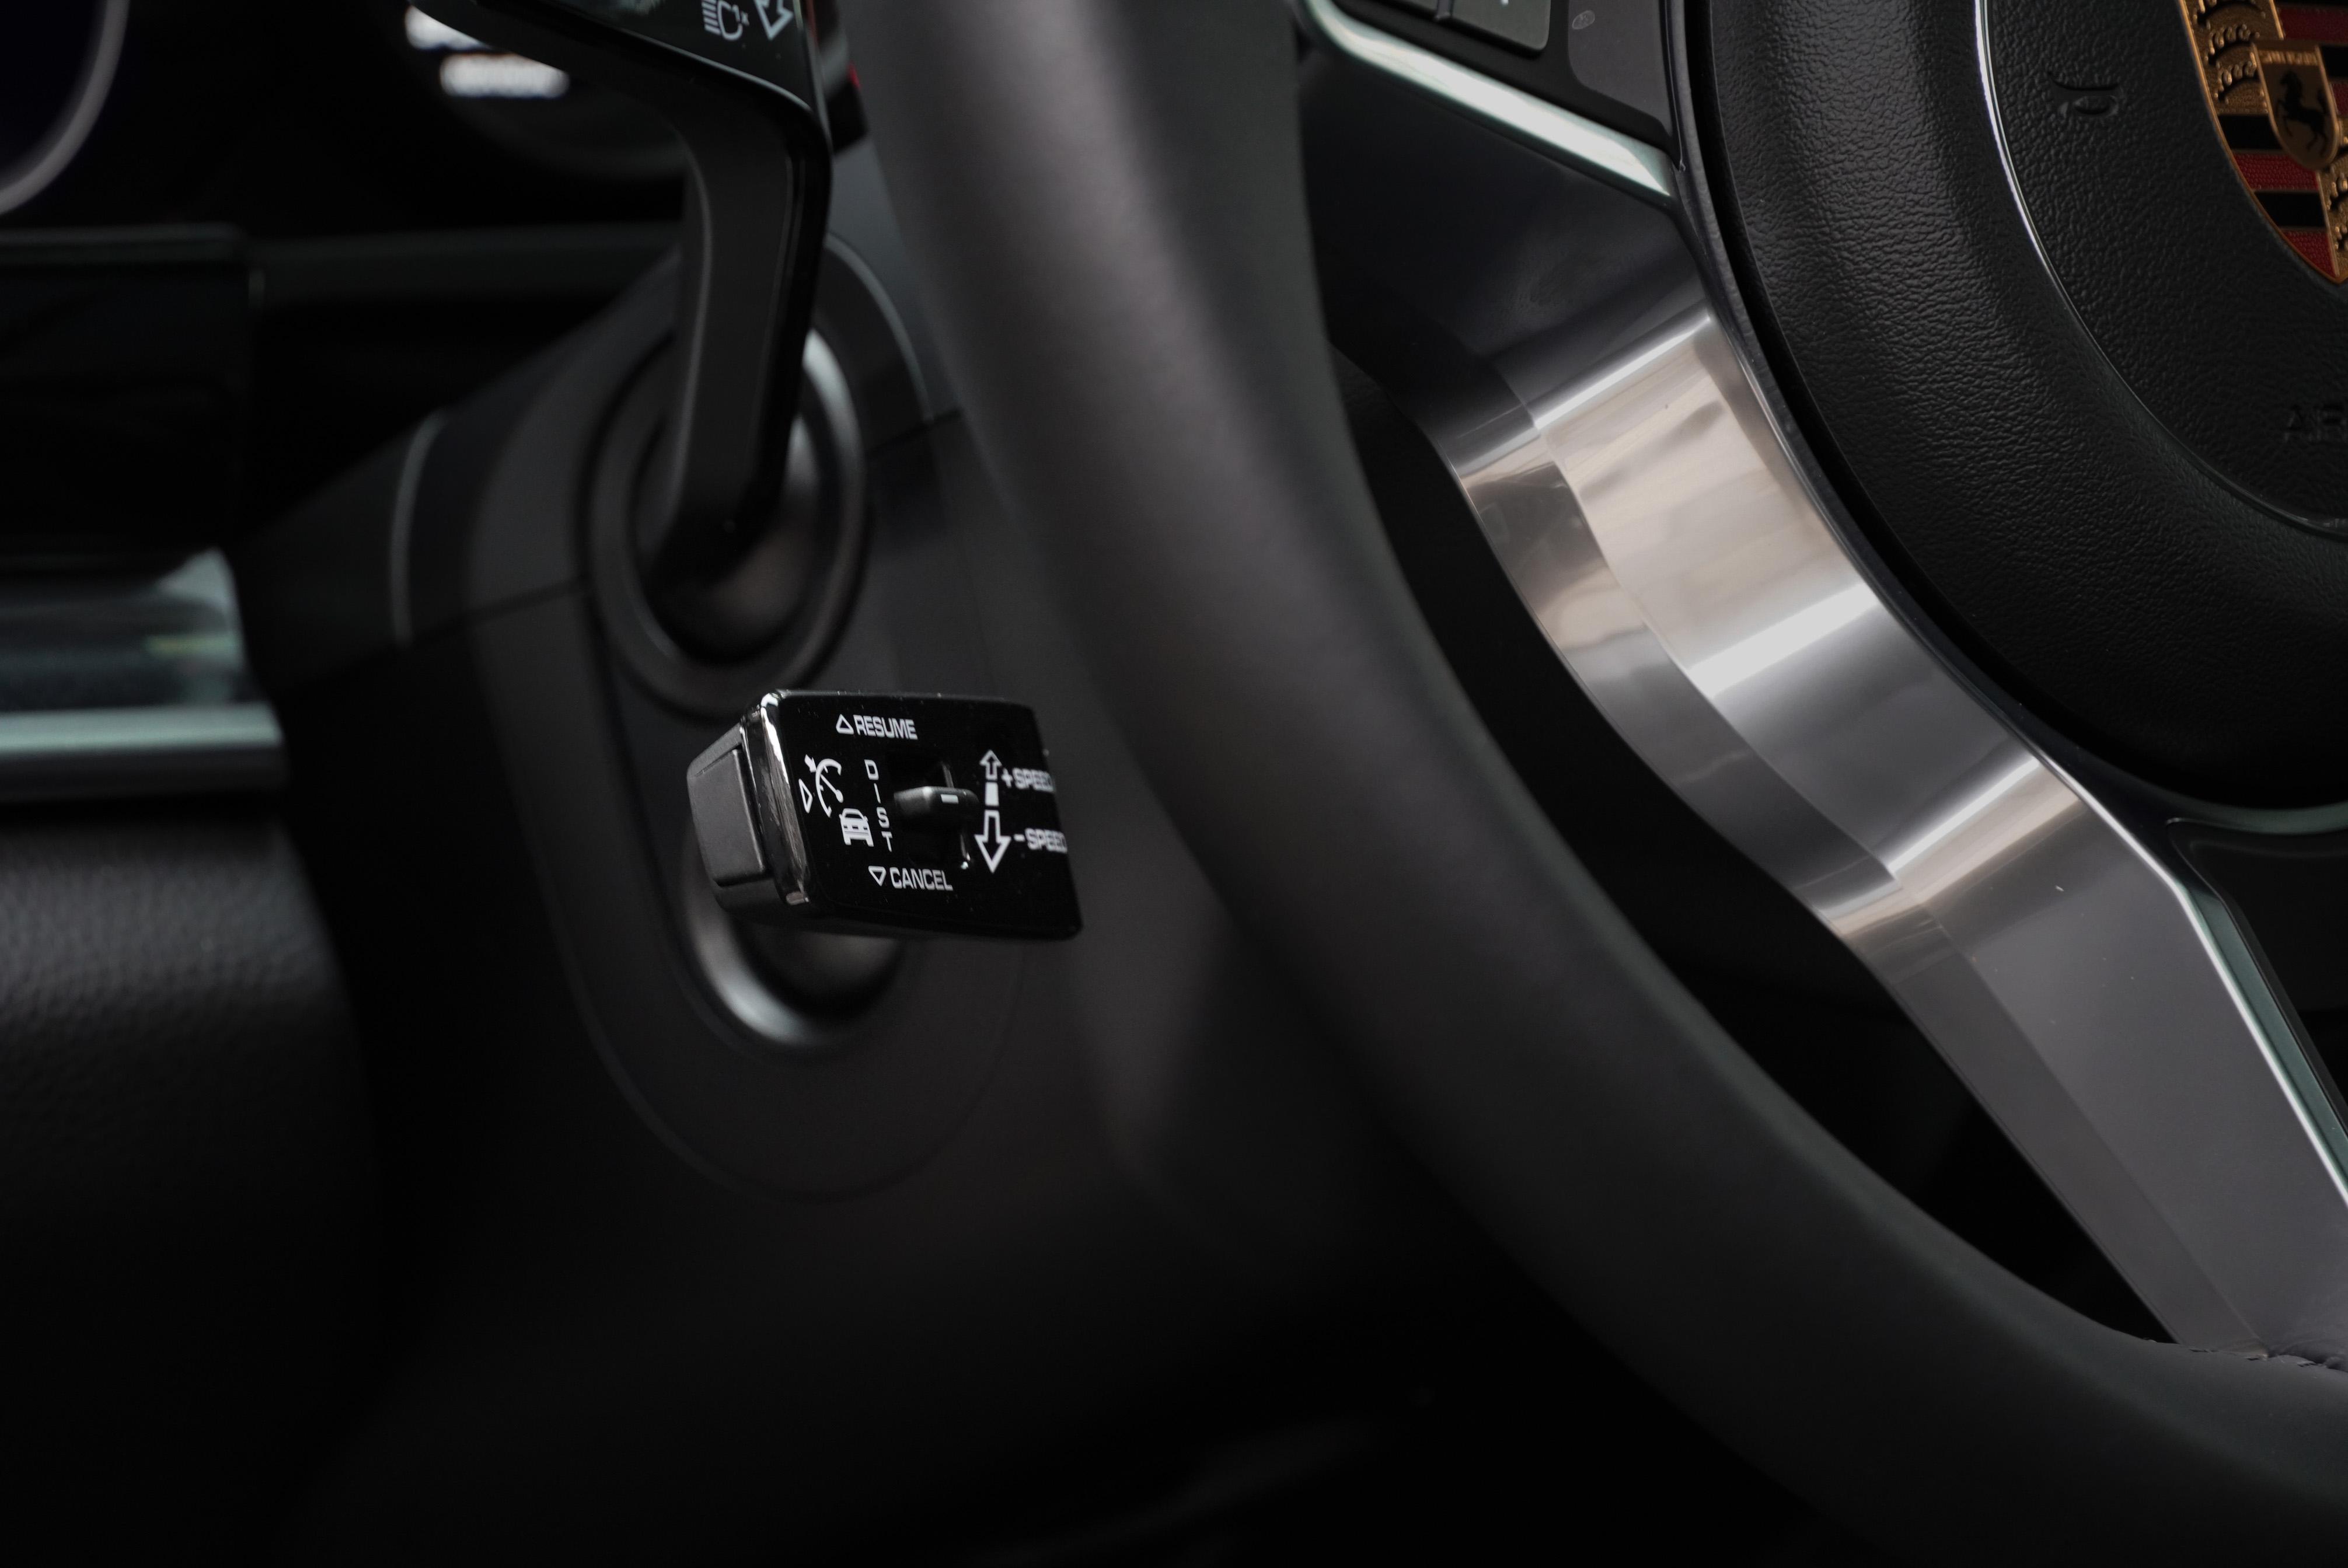 試駕車選配智慧巡航系統(ACC)可和 10 Years Edition 標配的車道維持輔助系統搭配使用。